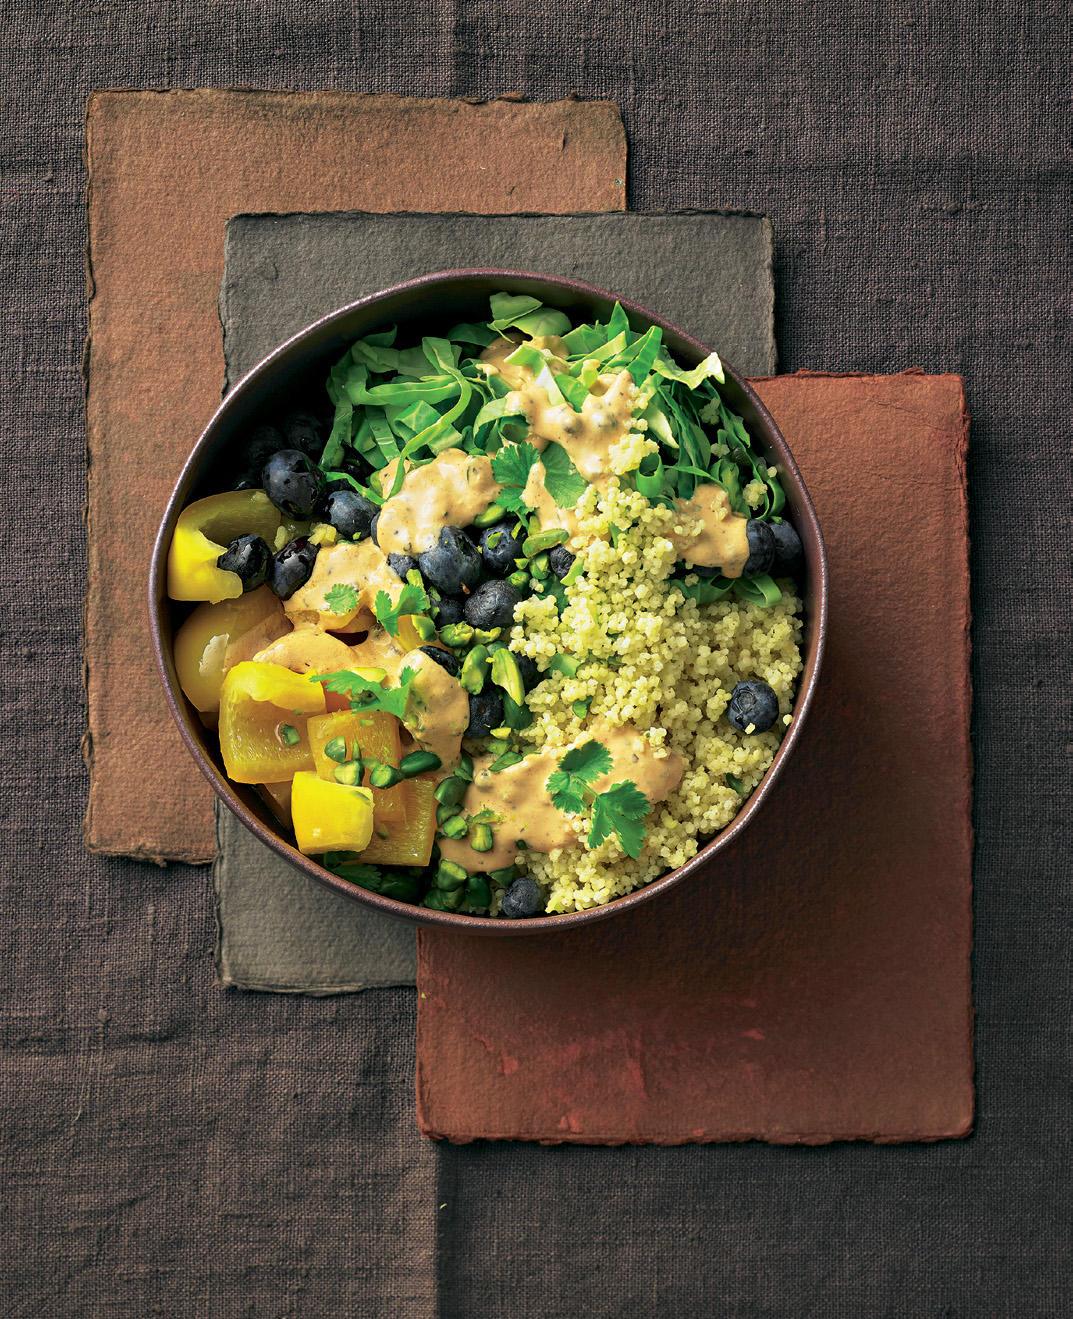 Schnelle Rezepte In 30 Minuten Gibts Essen Brigittede